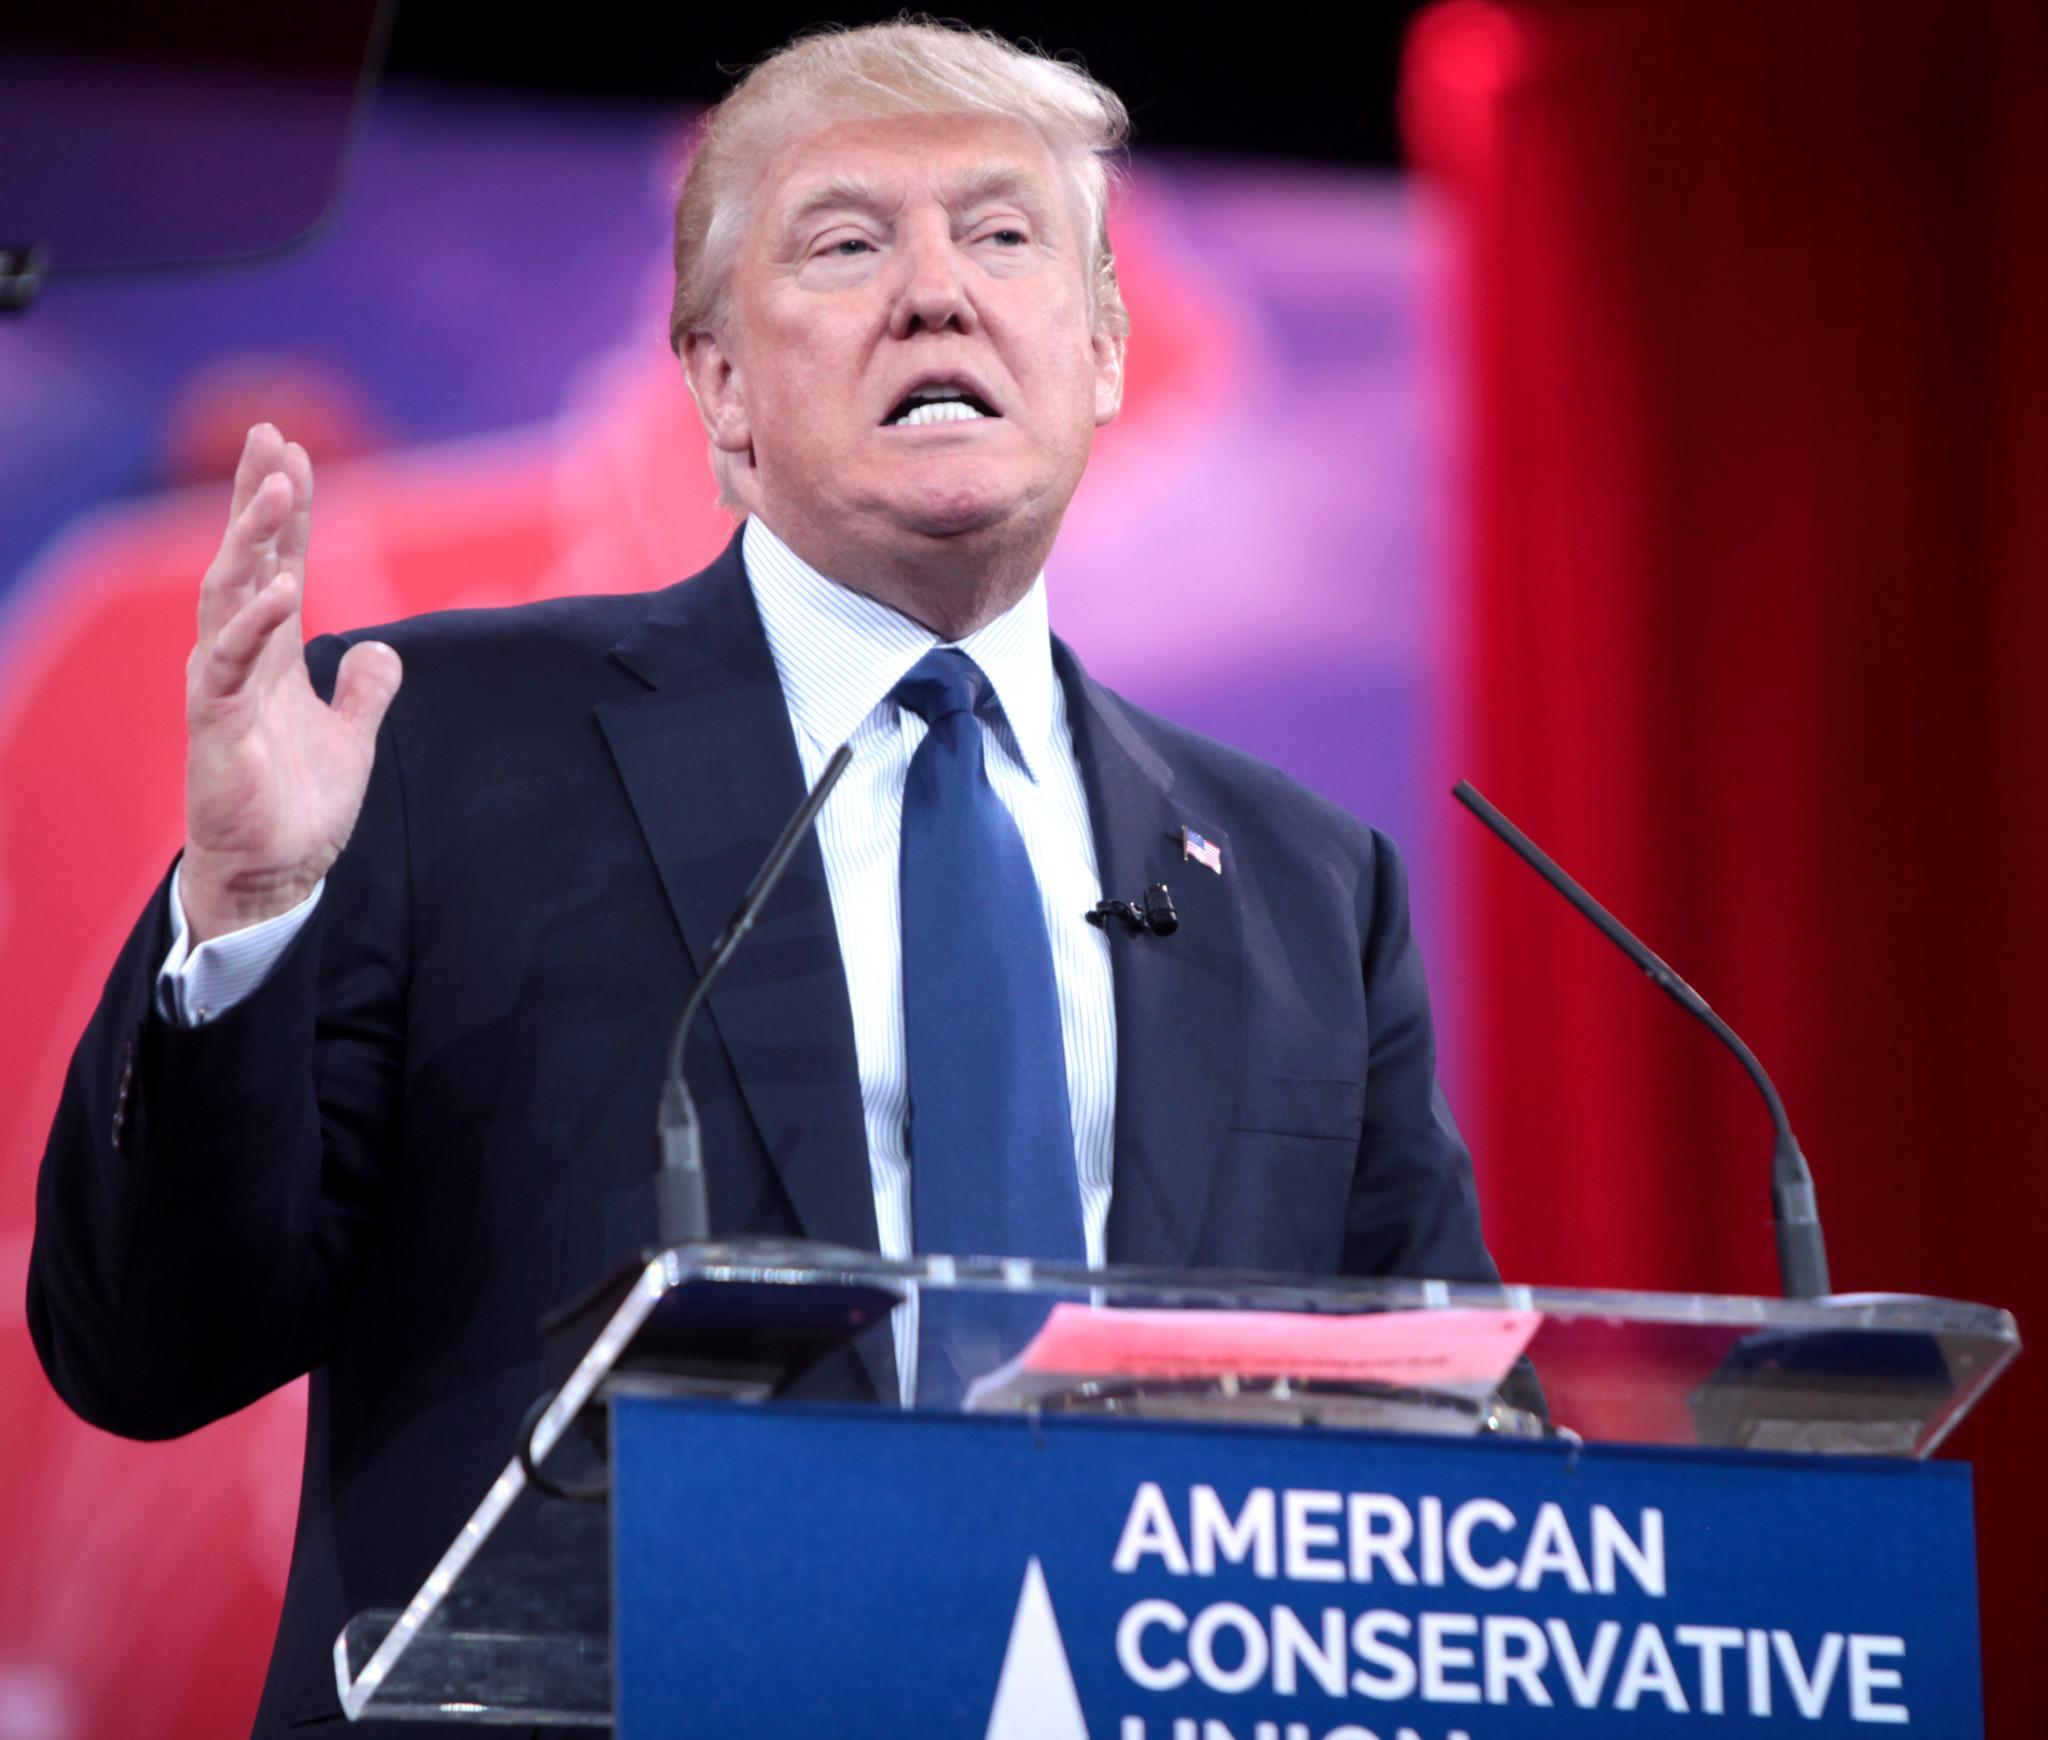 KRITISK TIL NATO: Alliansen er «foreldet», mener Trump. Foto: GAGE SKIDMORE